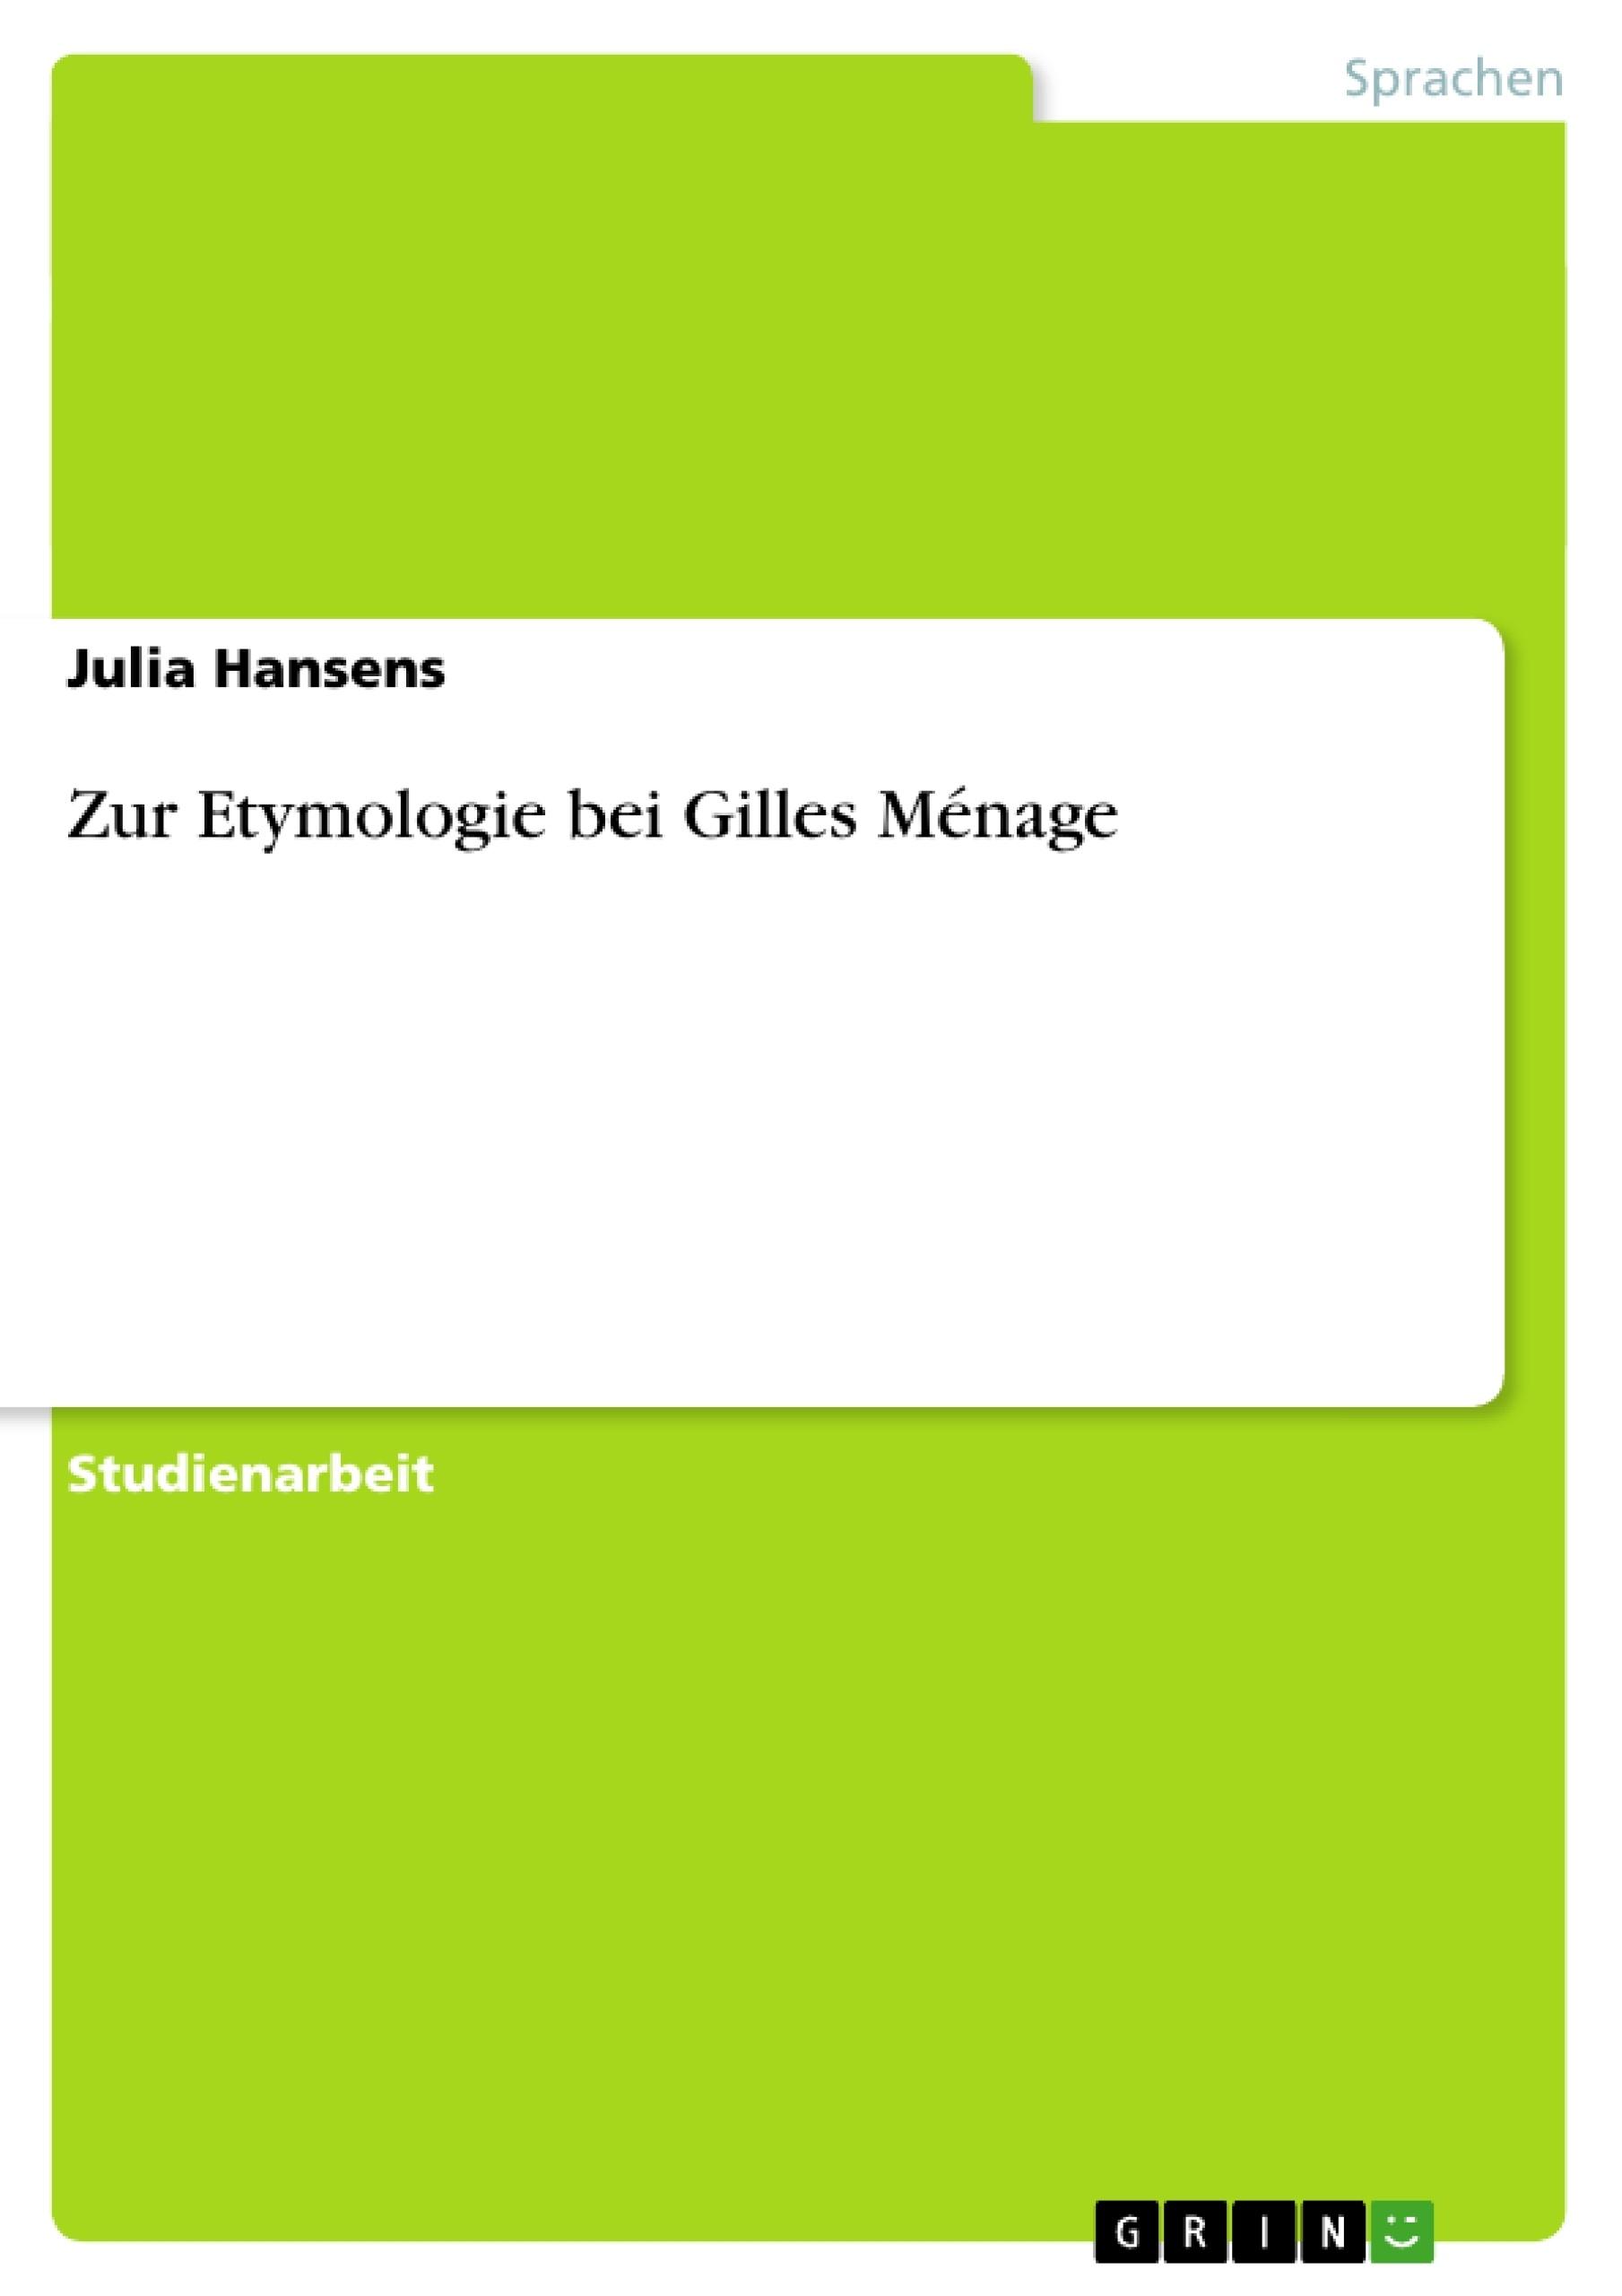 Titel: Zur Etymologie bei Gilles Ménage